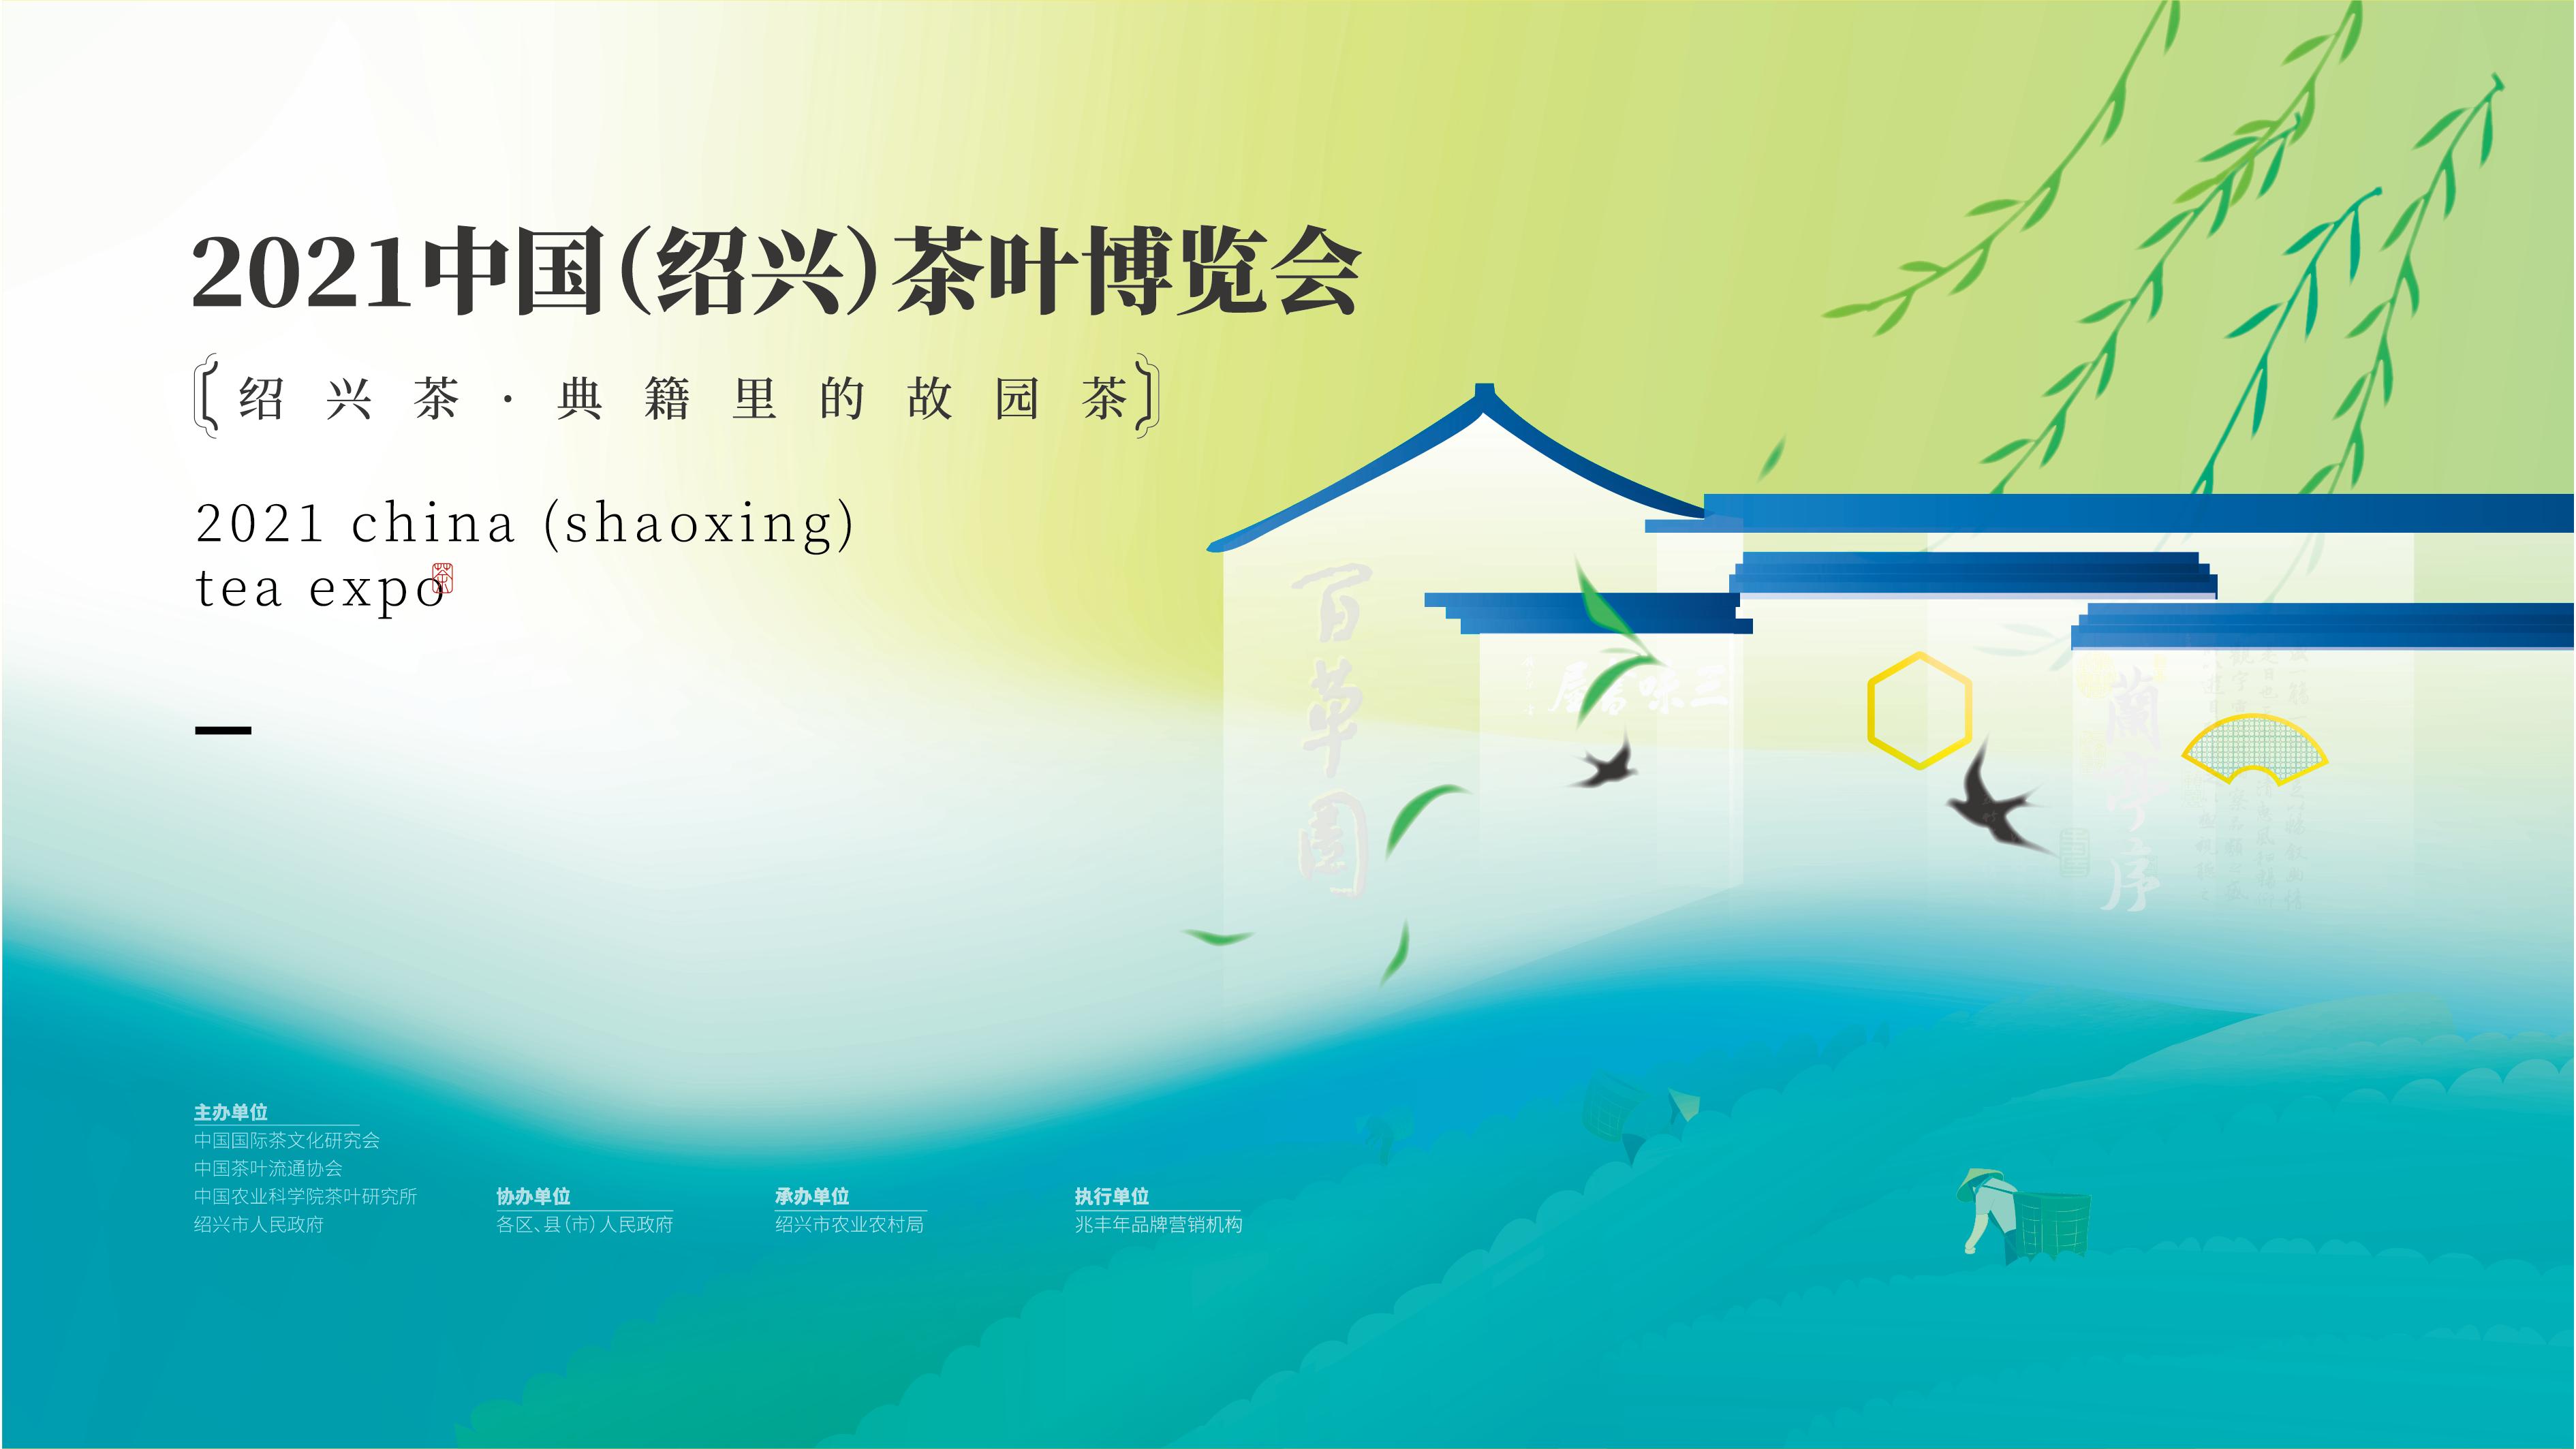 2021中国(绍兴)茶叶博览会